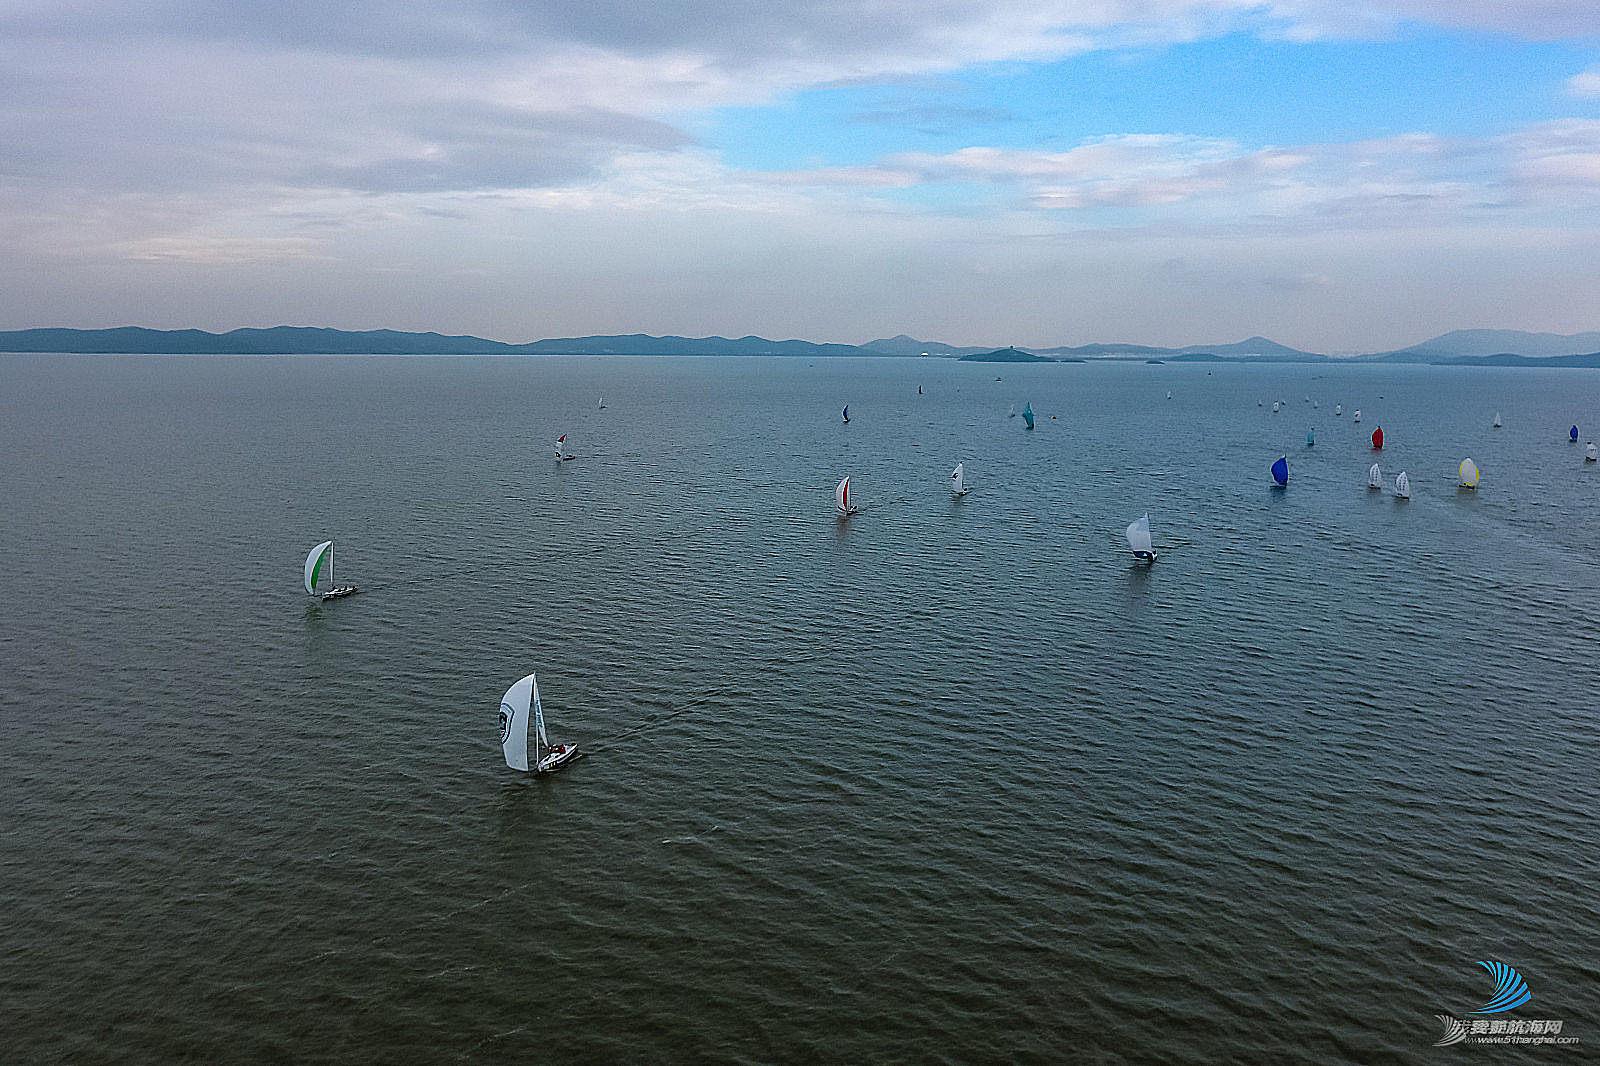 第二届常熟UWC杯昆承湖帆船赛精彩视频